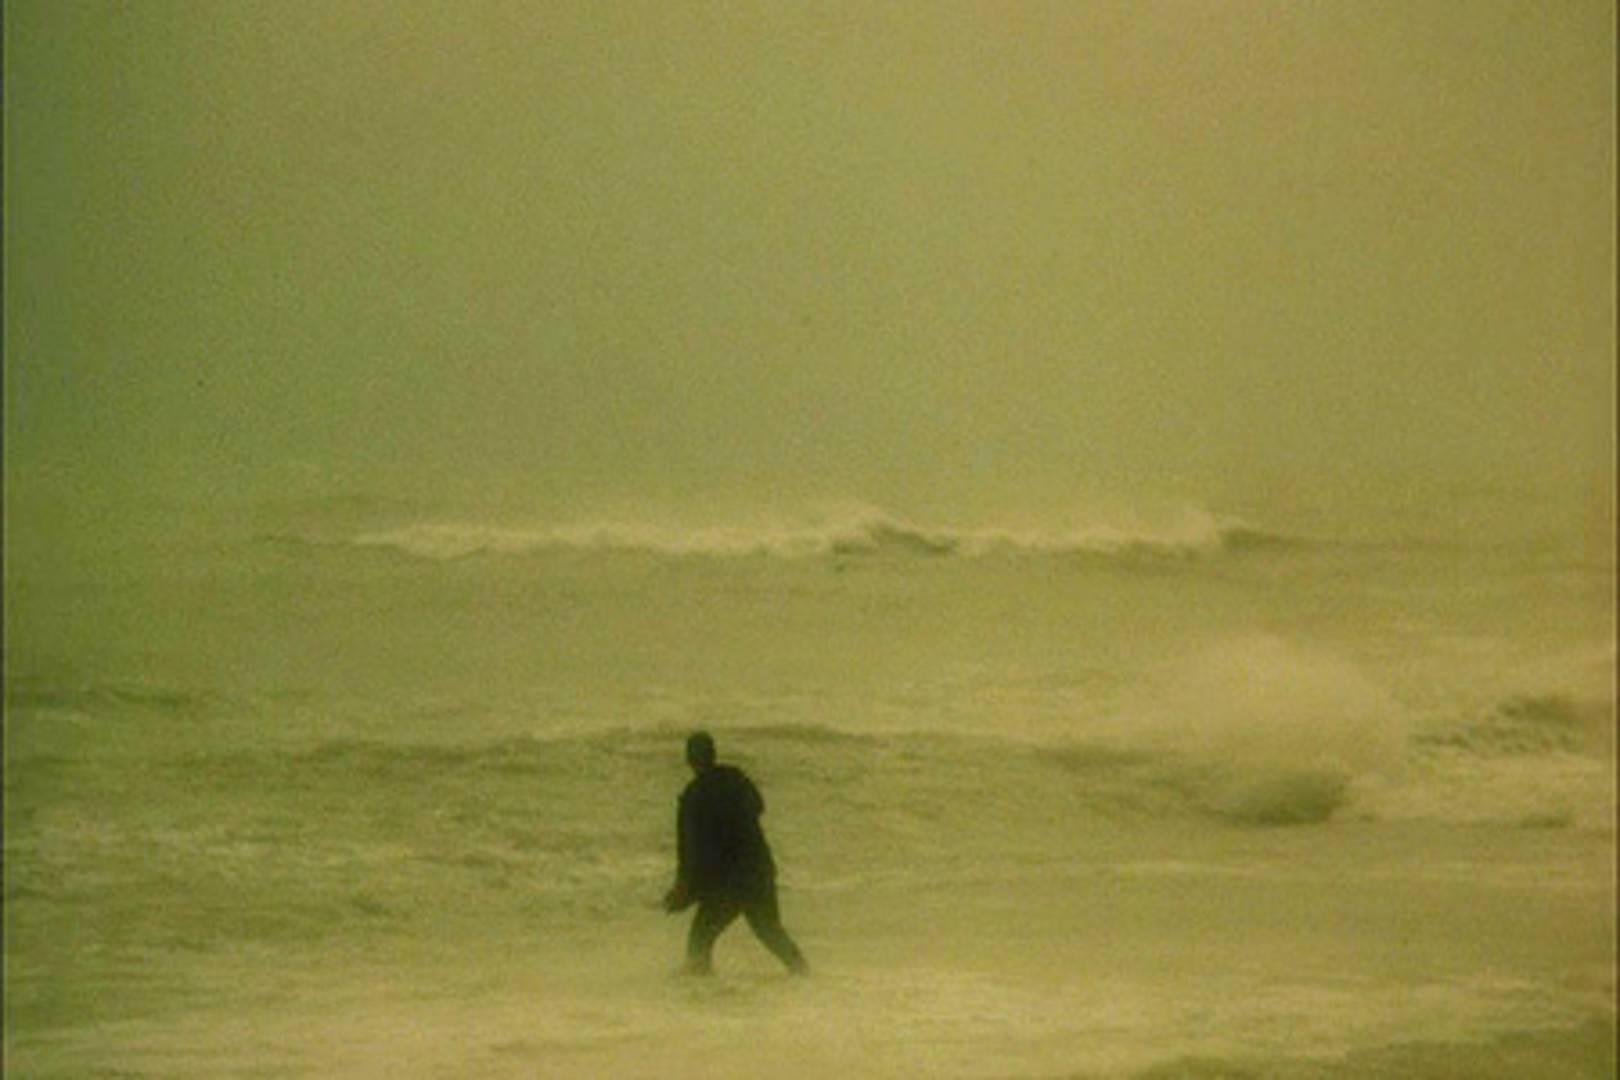 Жди, жди у моря погоды